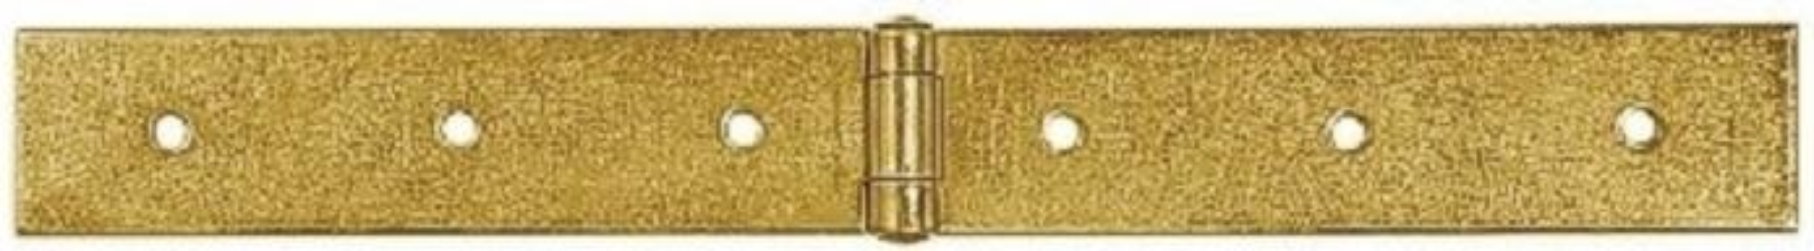 Z 150 b Závěs stavební 150x35x1.5mm